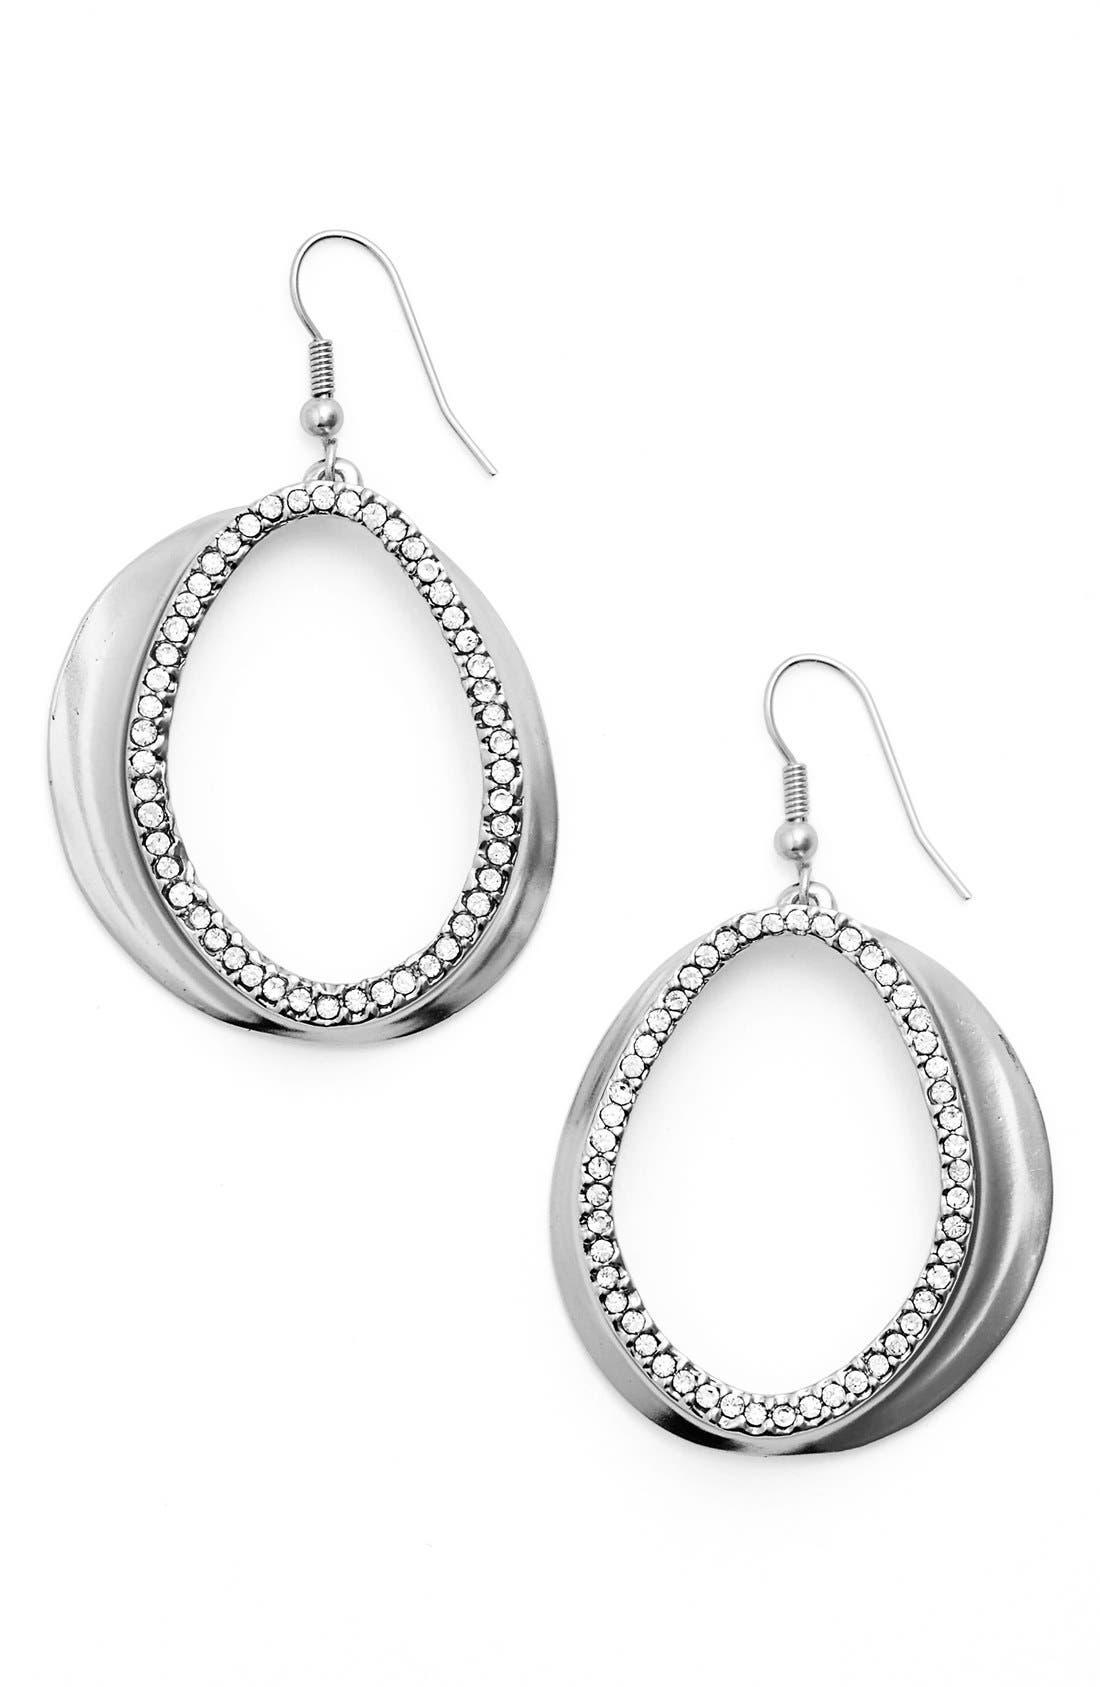 Main Image - Karine Sultan Crystal Front Hoop Earrings